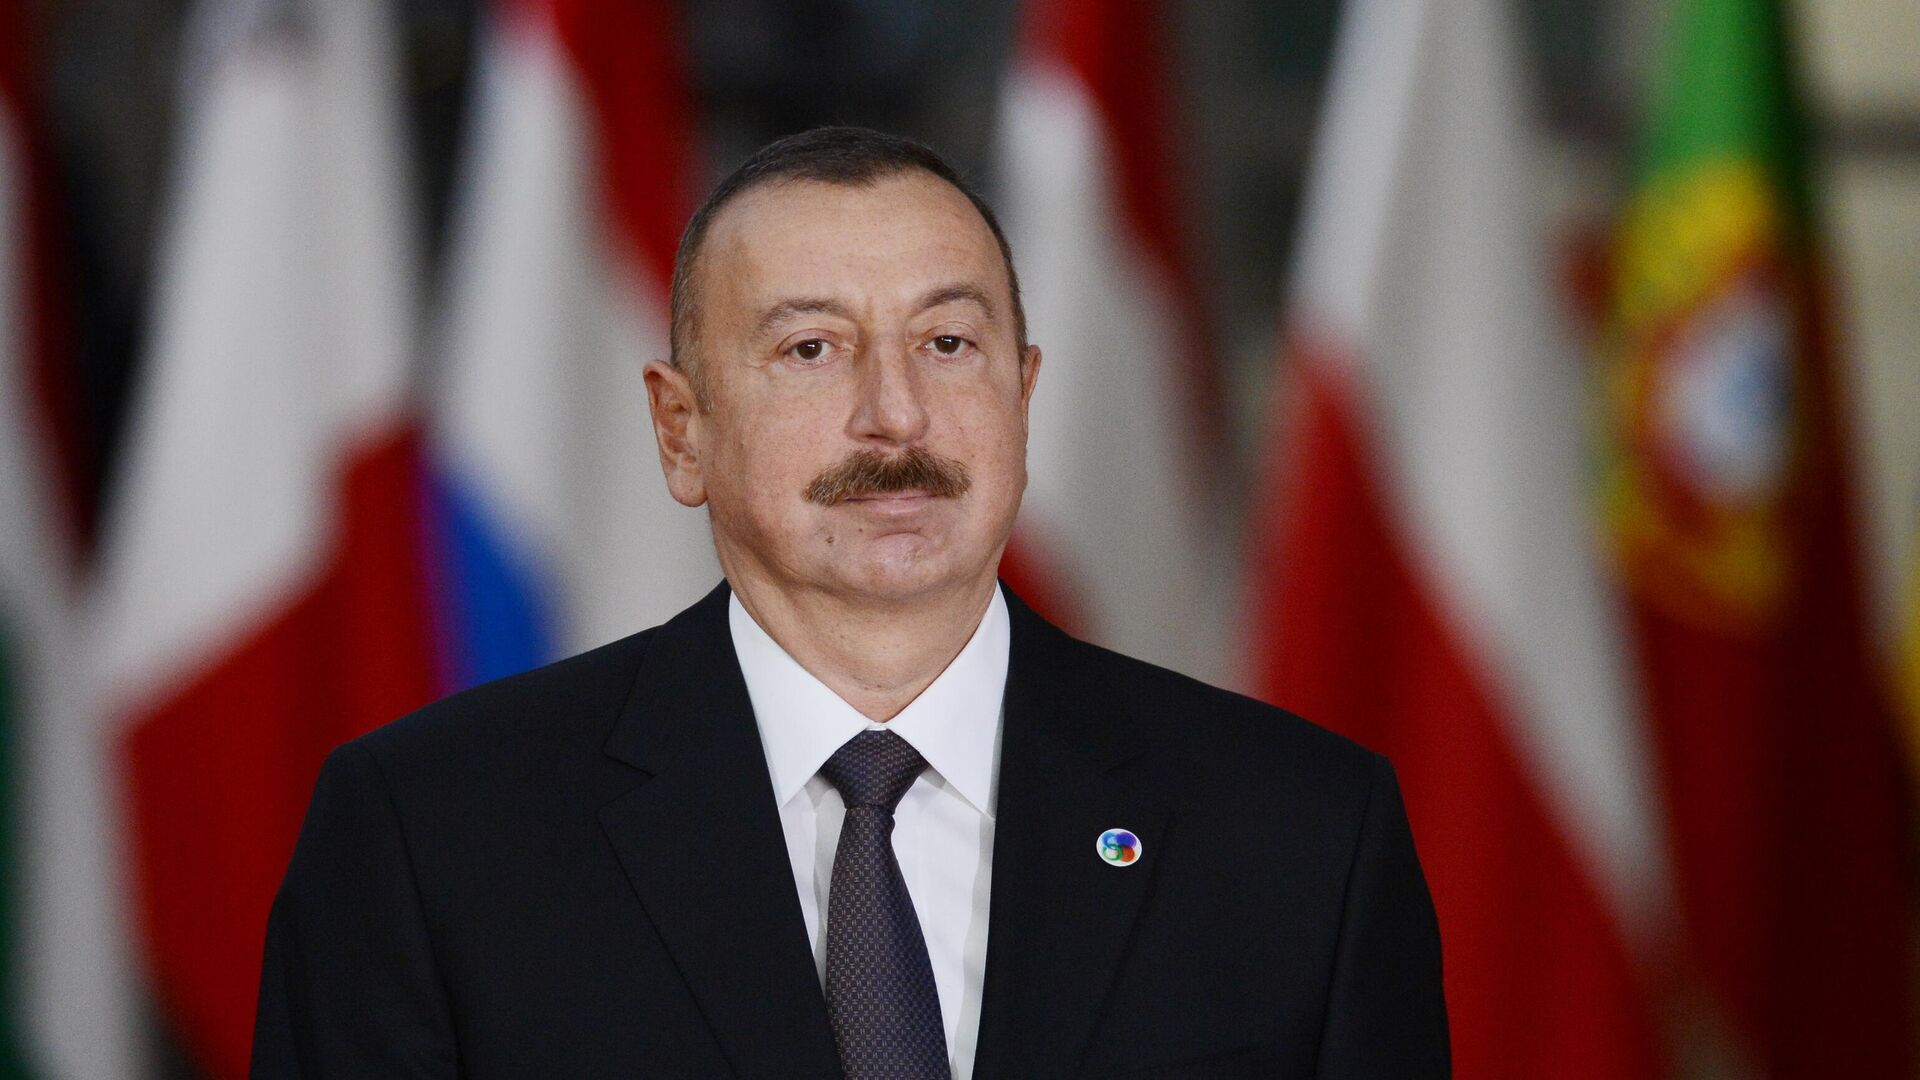 Президент Азербайджана Ильхам Алиев перед началом 5-го Саммита Восточного партнерства в Брюсселе - РИА Новости, 1920, 25.10.2020